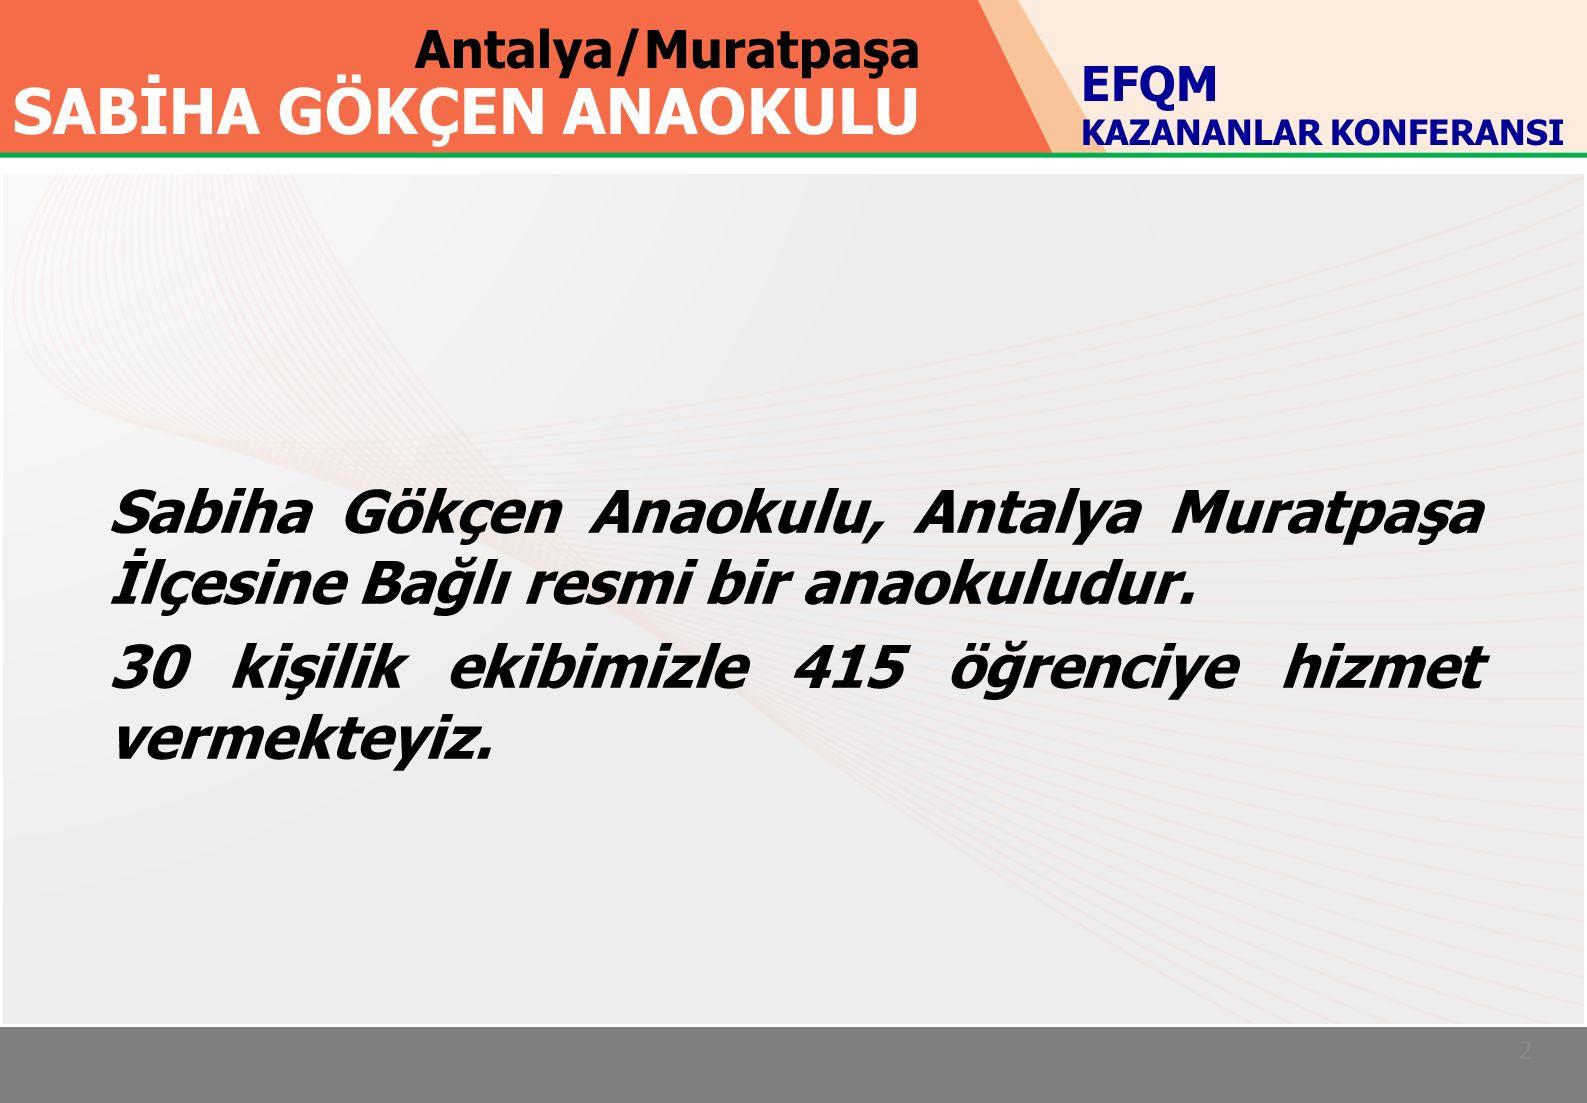 Antalya/Muratpaşa SABİHA GÖKÇEN ANAOKULU 2 Sabiha Gökçen Anaokulu, Antalya Muratpaşa İlçesine Bağlı resmi bir anaokuludur.